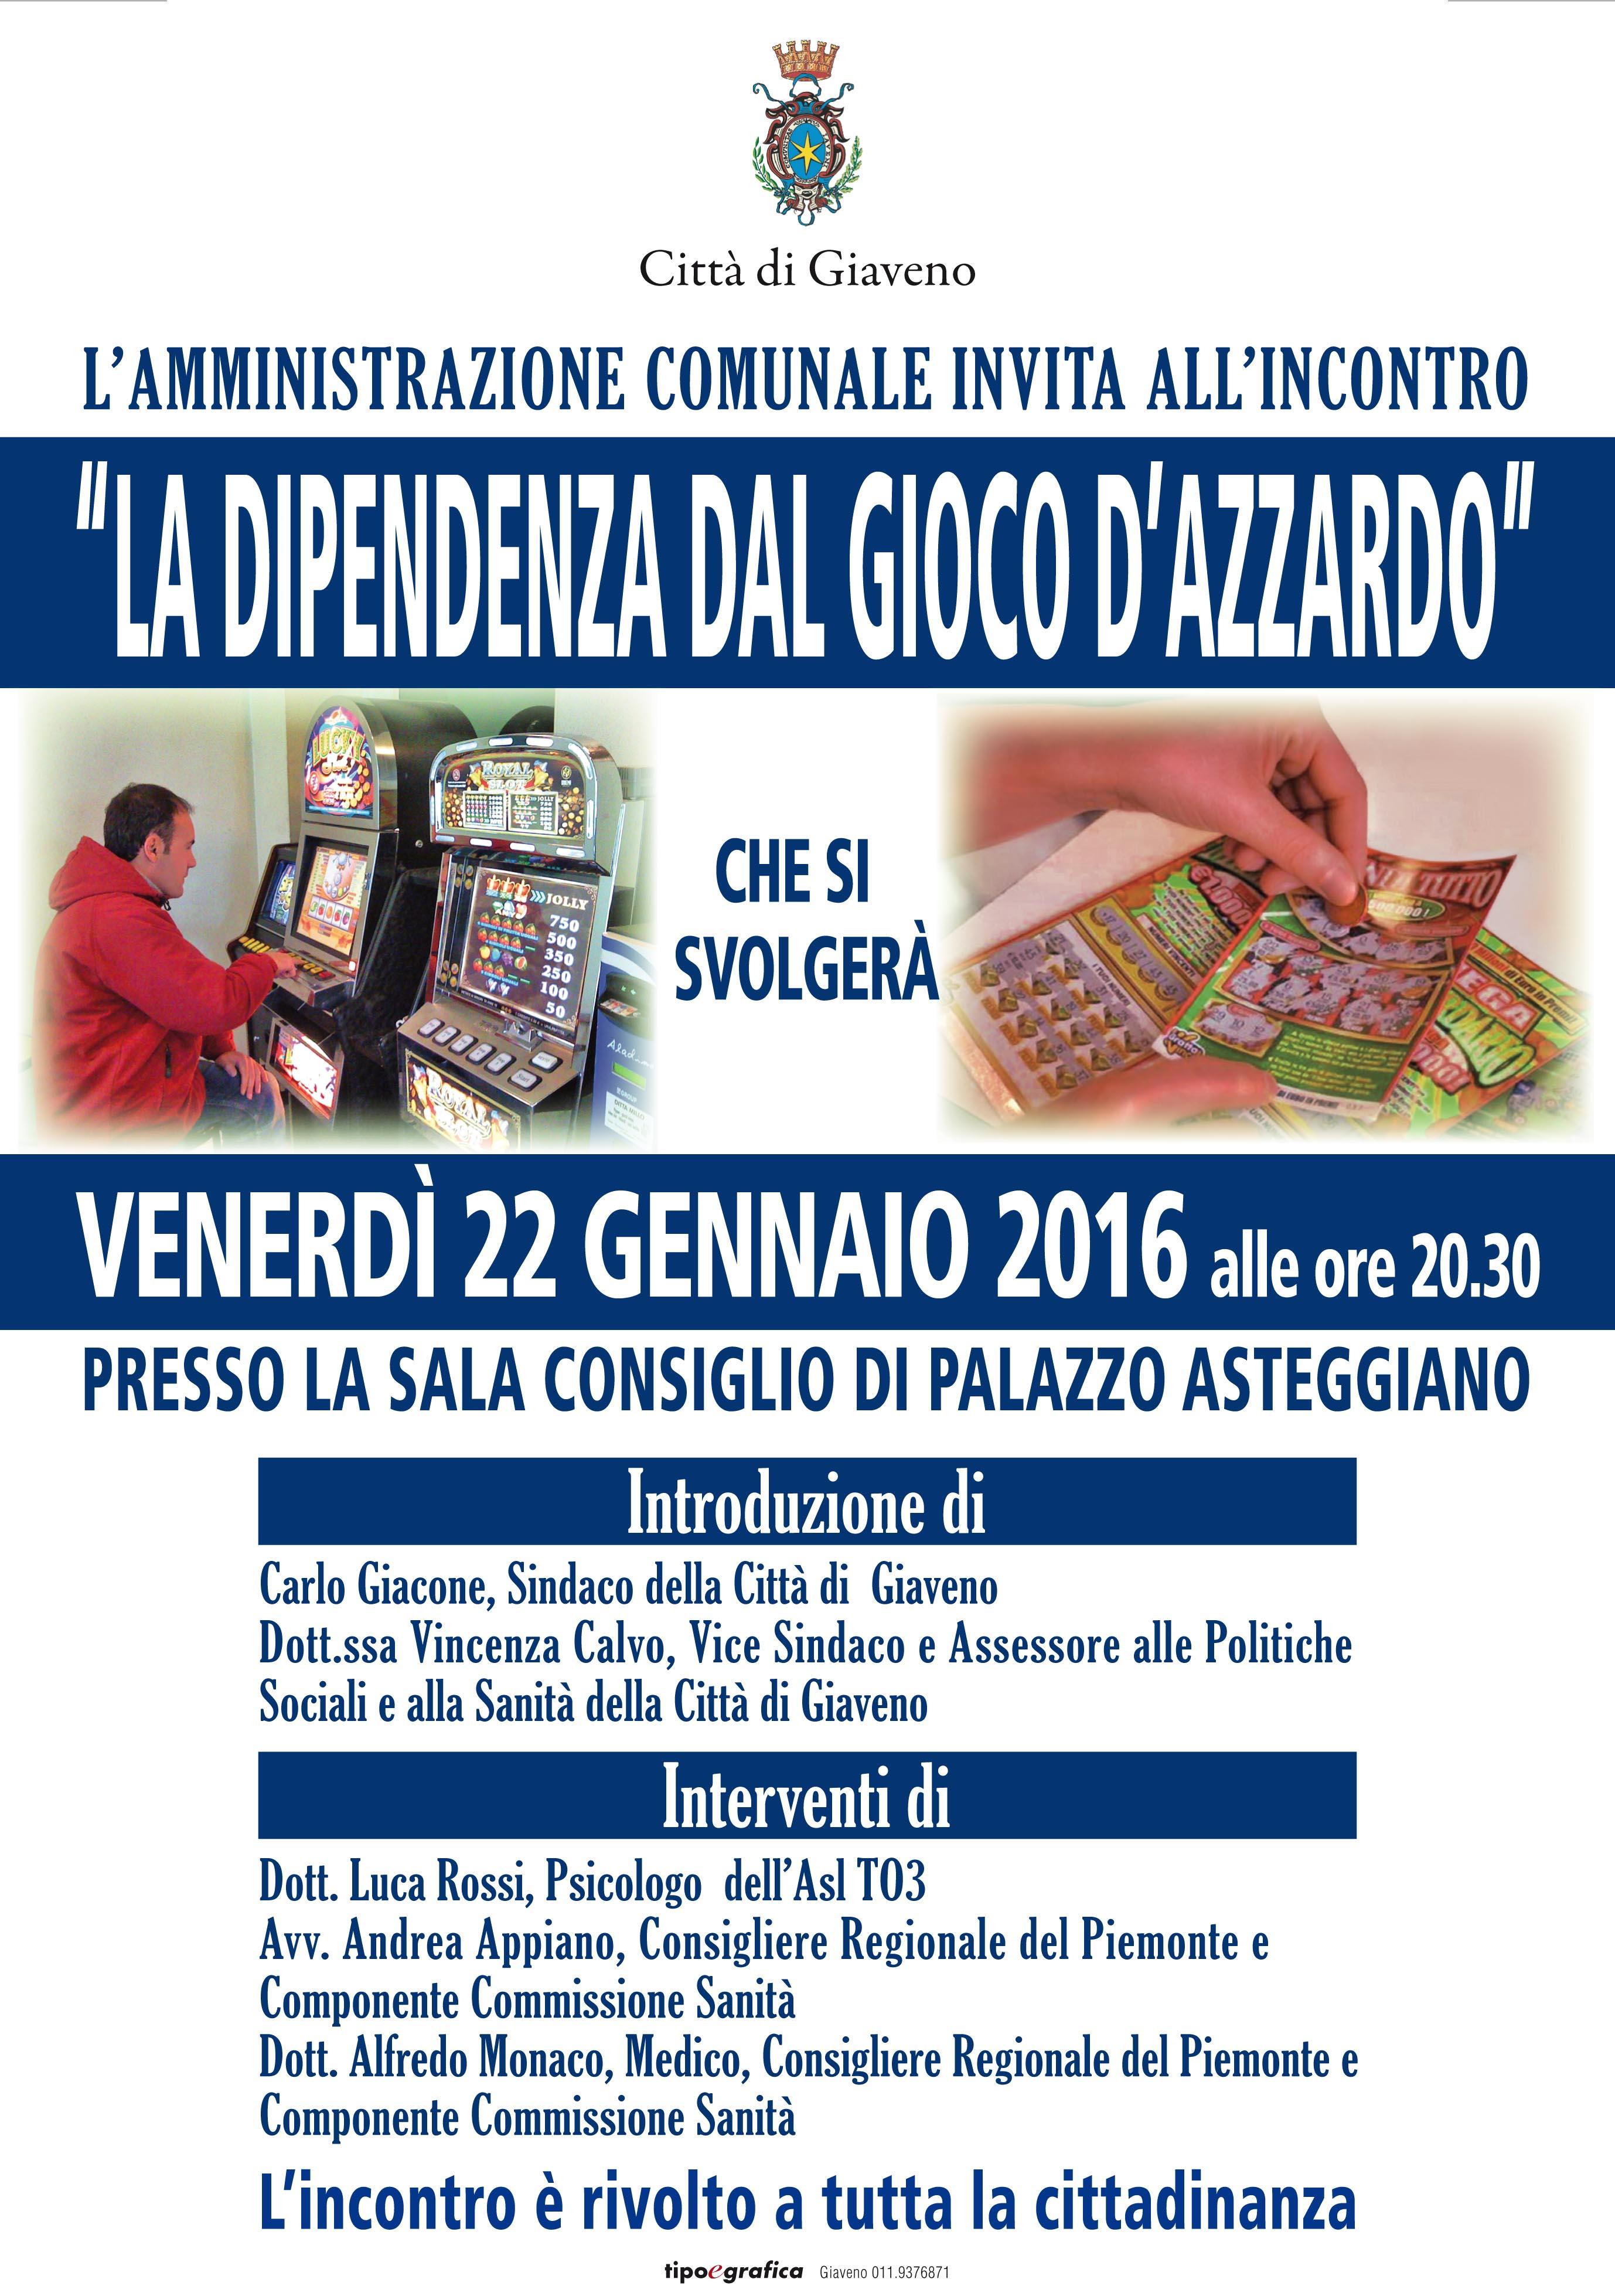 LA DIPENDENZA DAL GIOCO D'AZZARDO – incontro venerdì 22 gennaio 2016